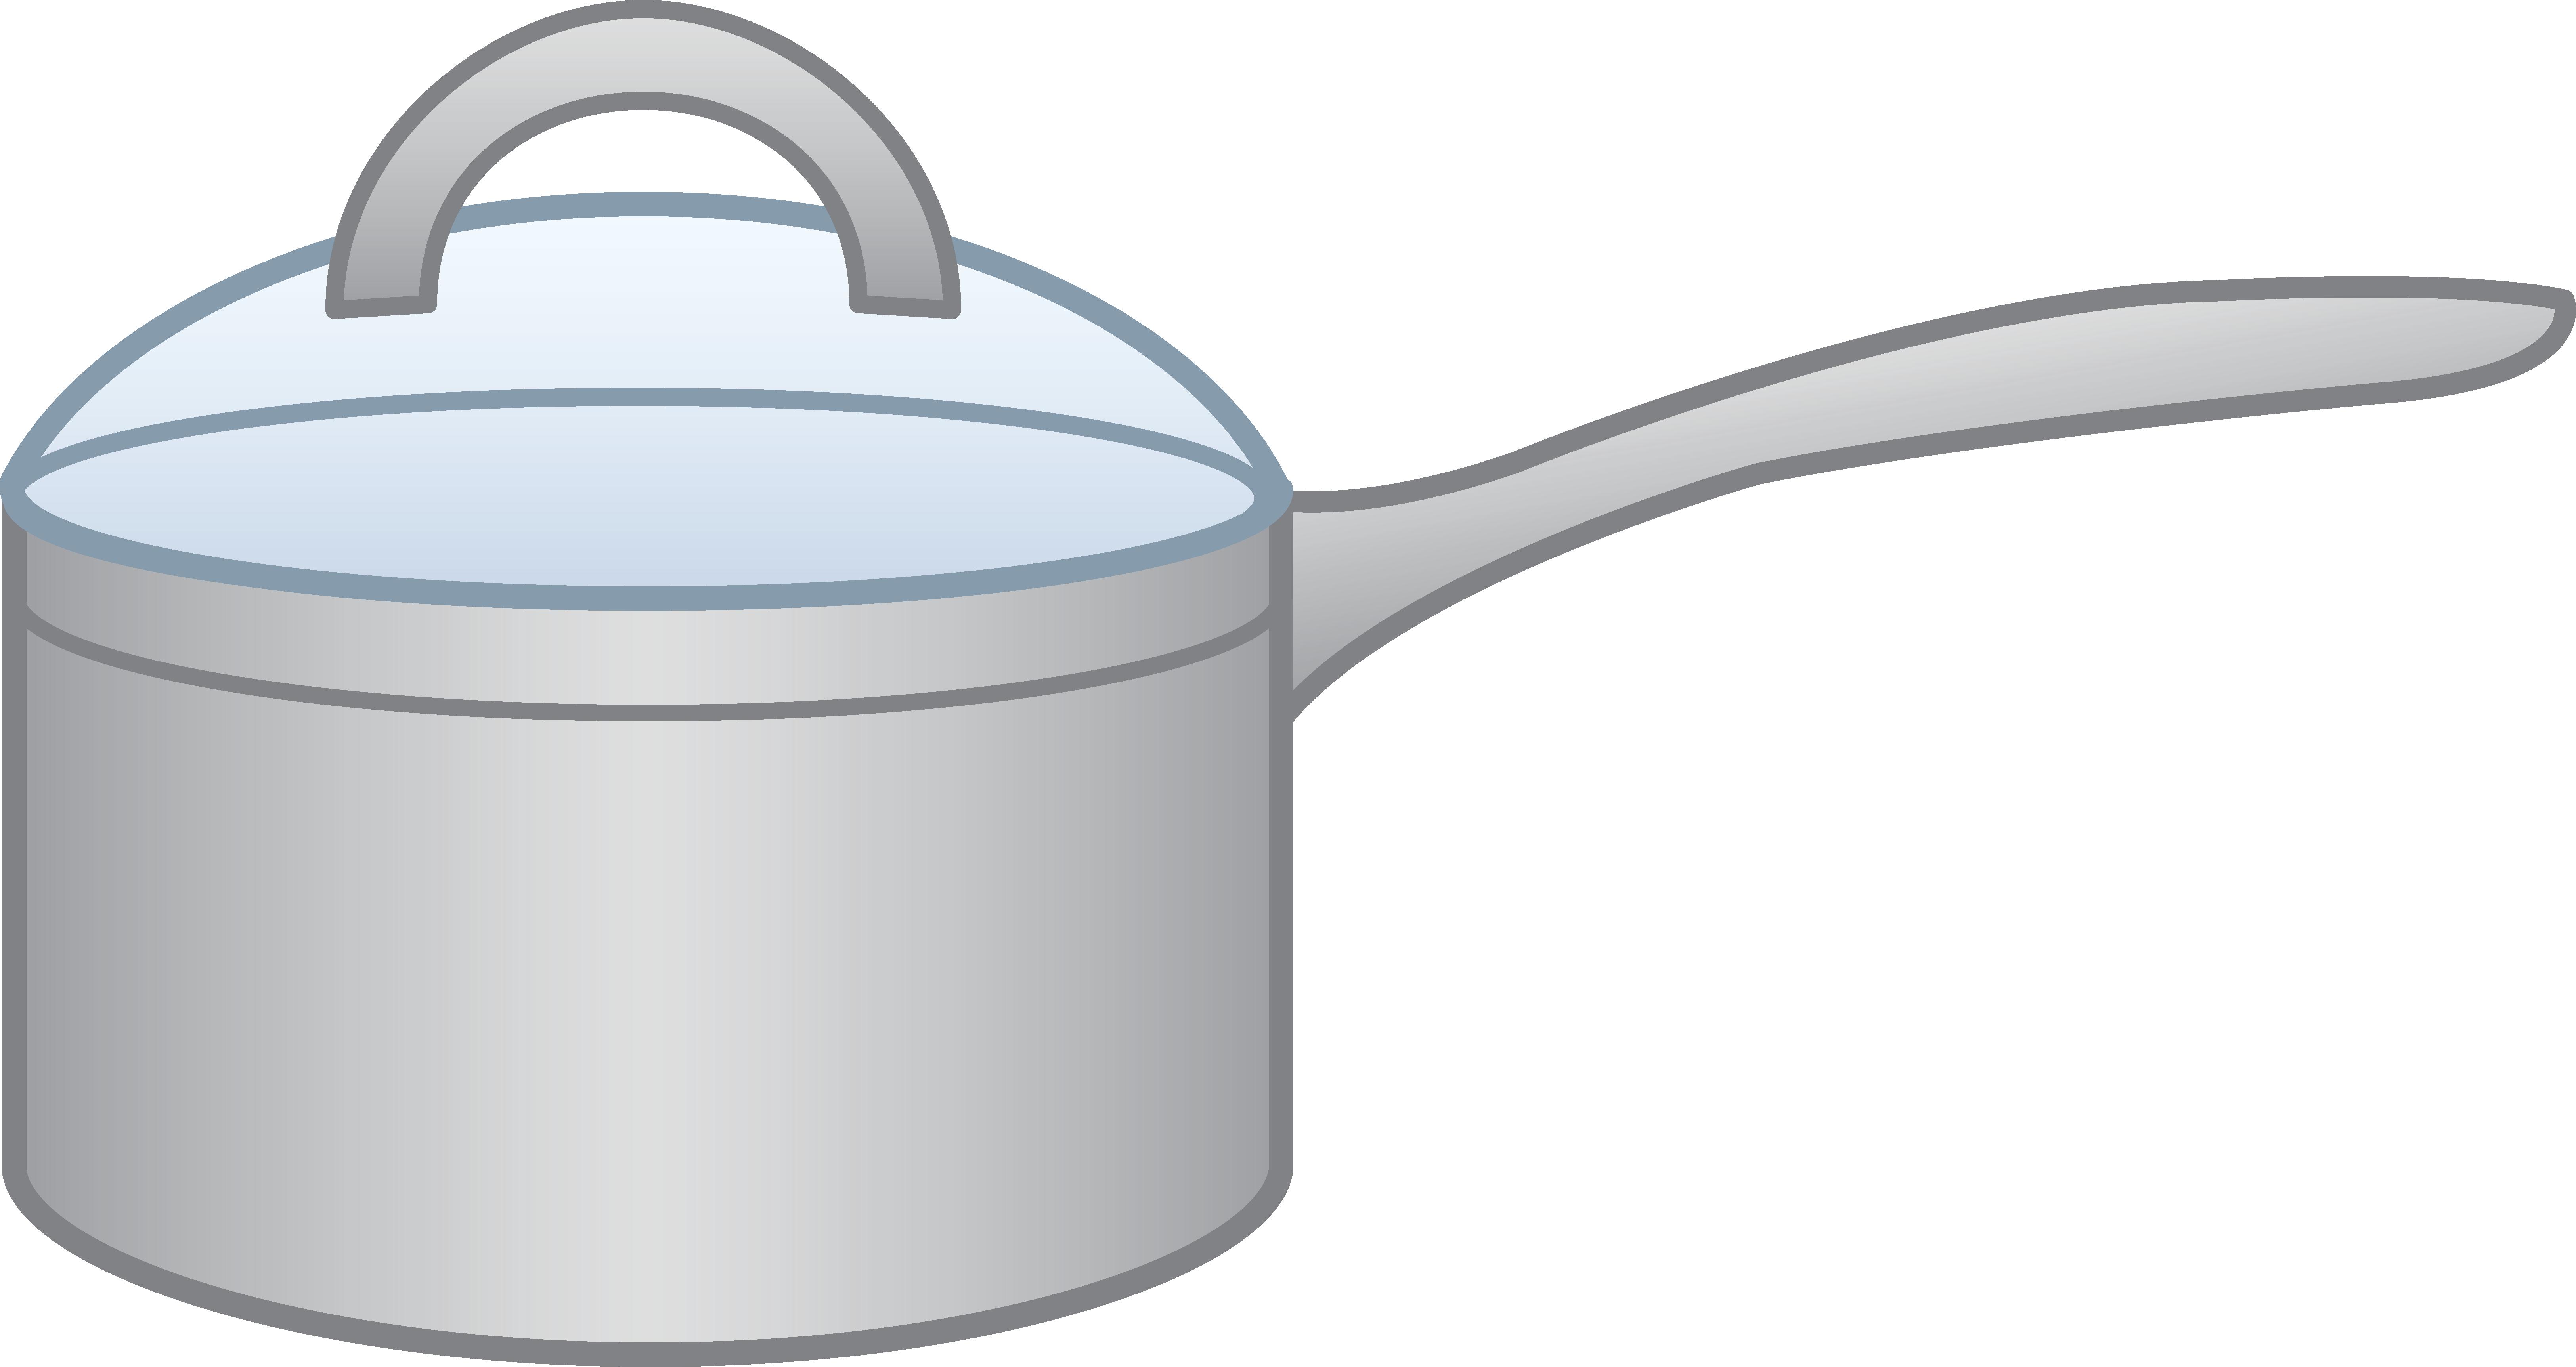 Cooking Pot Clip Art.